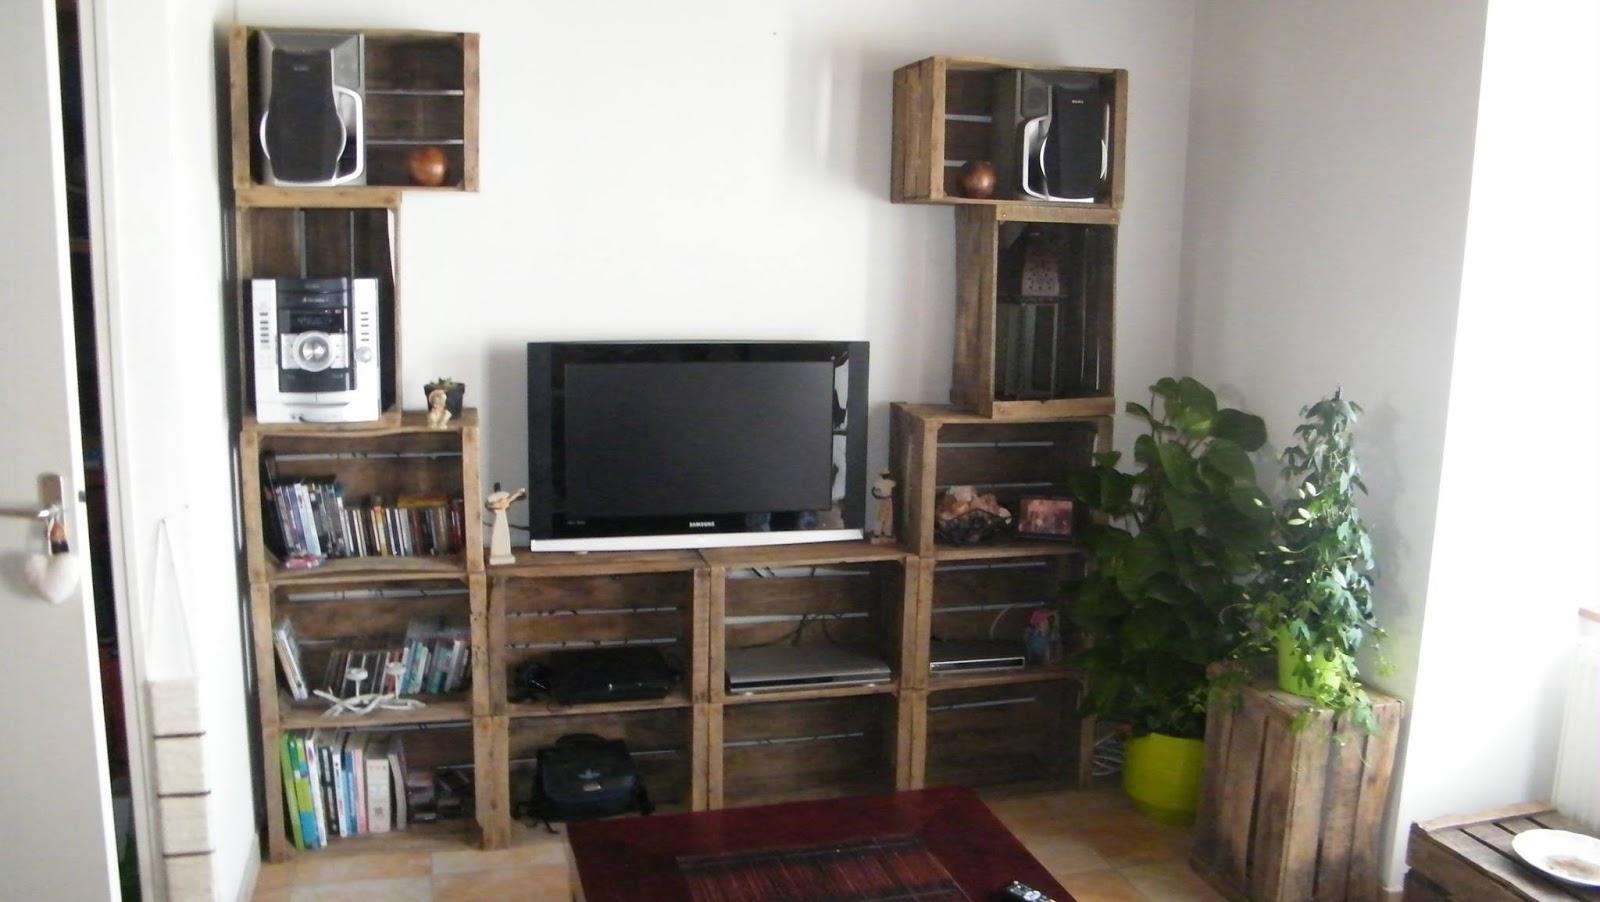 4 muebles para la tv con cajas de fruta - Como hacer un mueble para tv ...